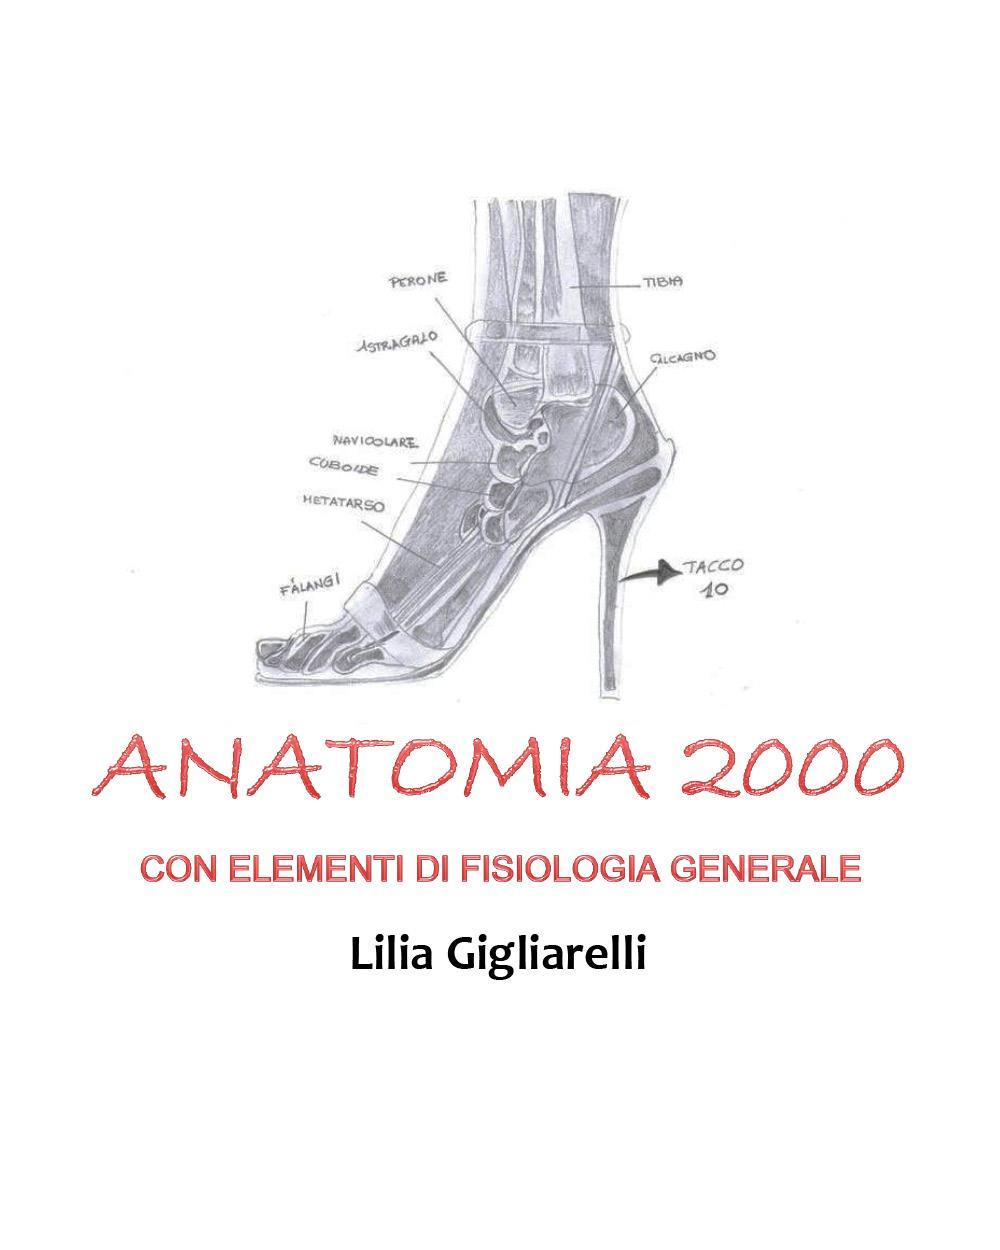 Anatomia 2000 con elementi di Fisiologia Generale